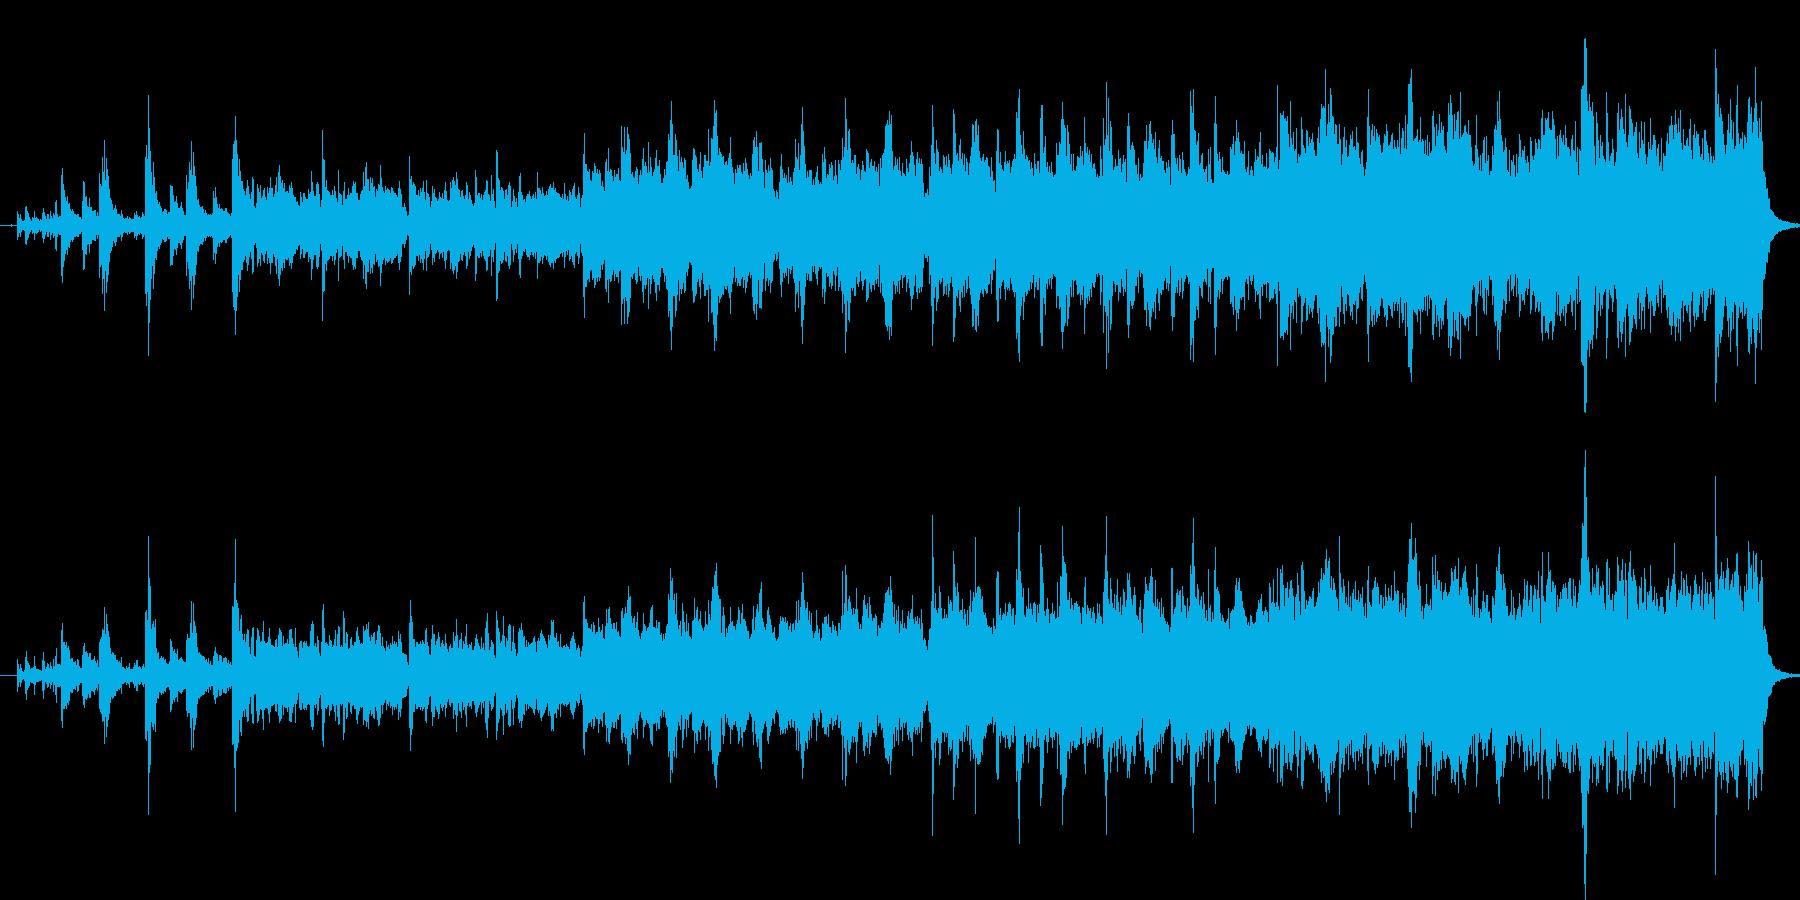 大量の鼓笛隊と行進する壮大なイメージの再生済みの波形